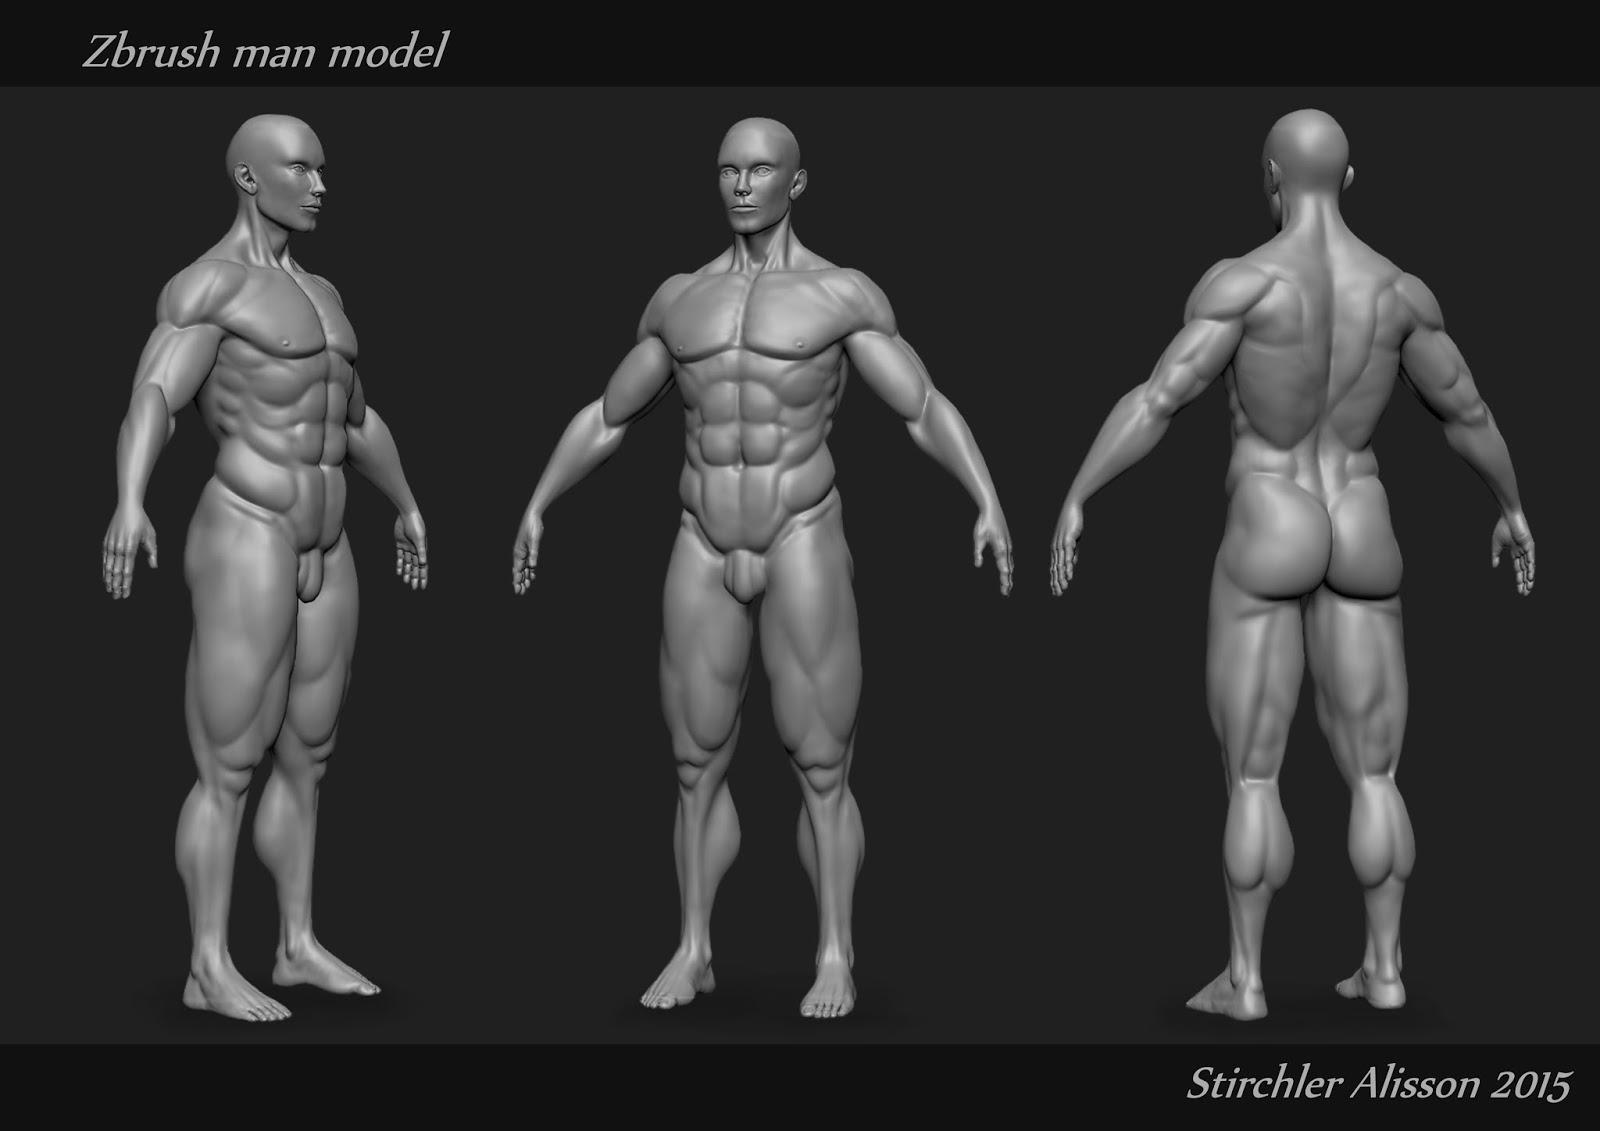 Stirchler Alisson Environment Artist Portfolio: Zbrush Man Anatomy